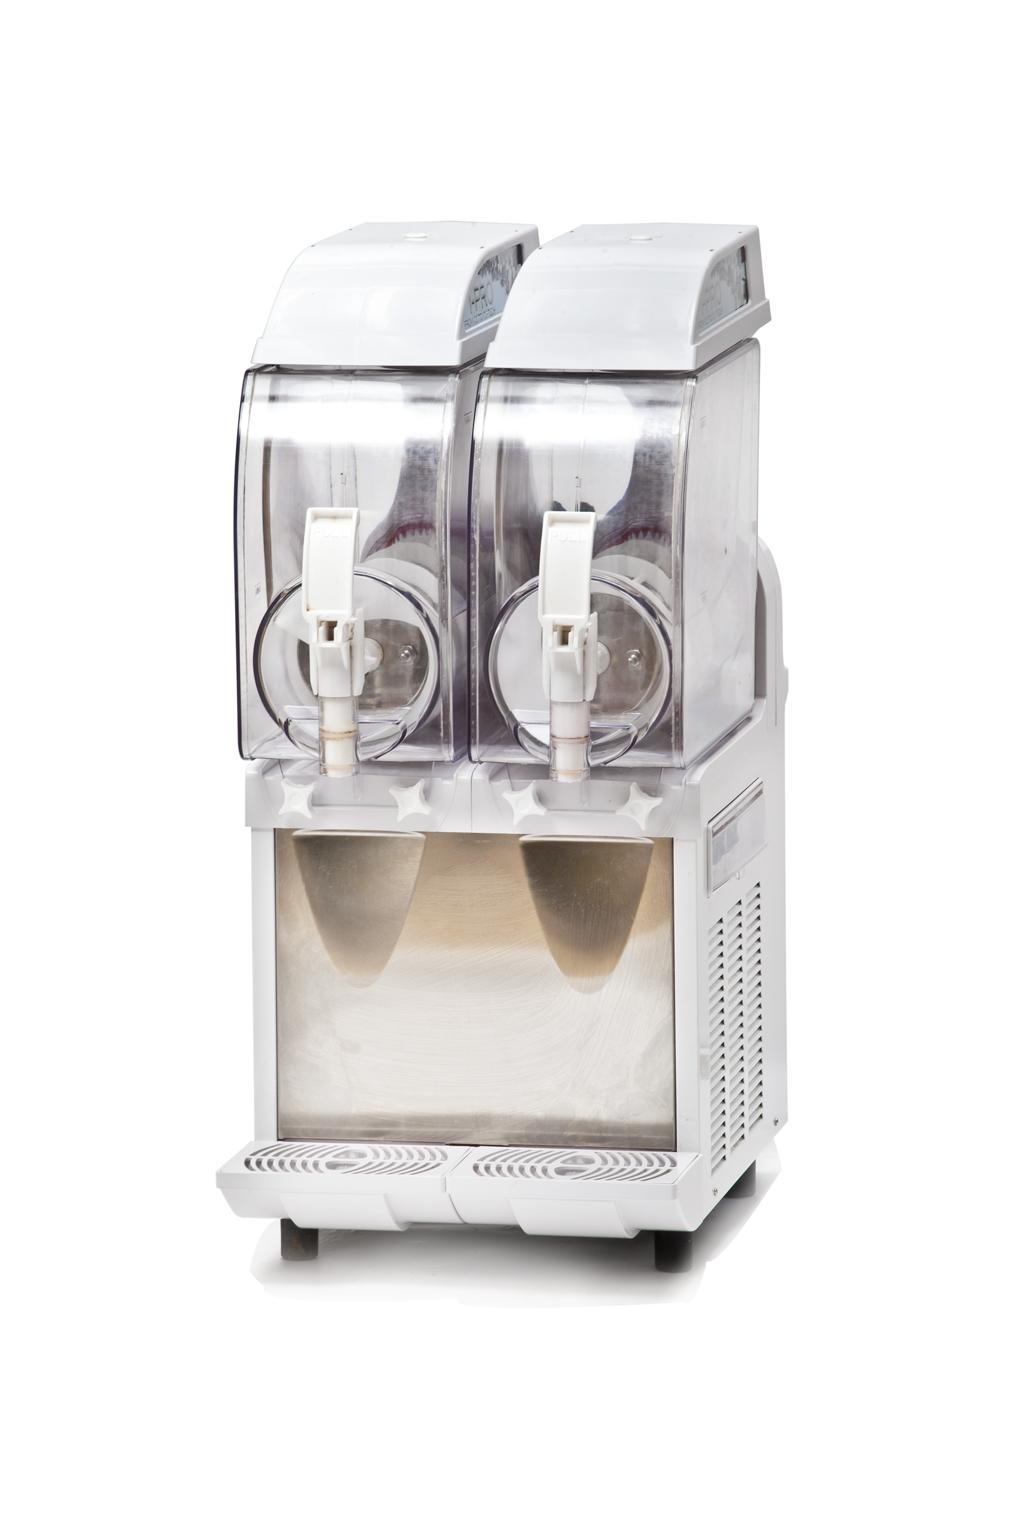 הוראות חדשות ימבמבם - השכרת מכונת ברד, אטרקציות ליום הולדת וציוד לאירועים PM-45